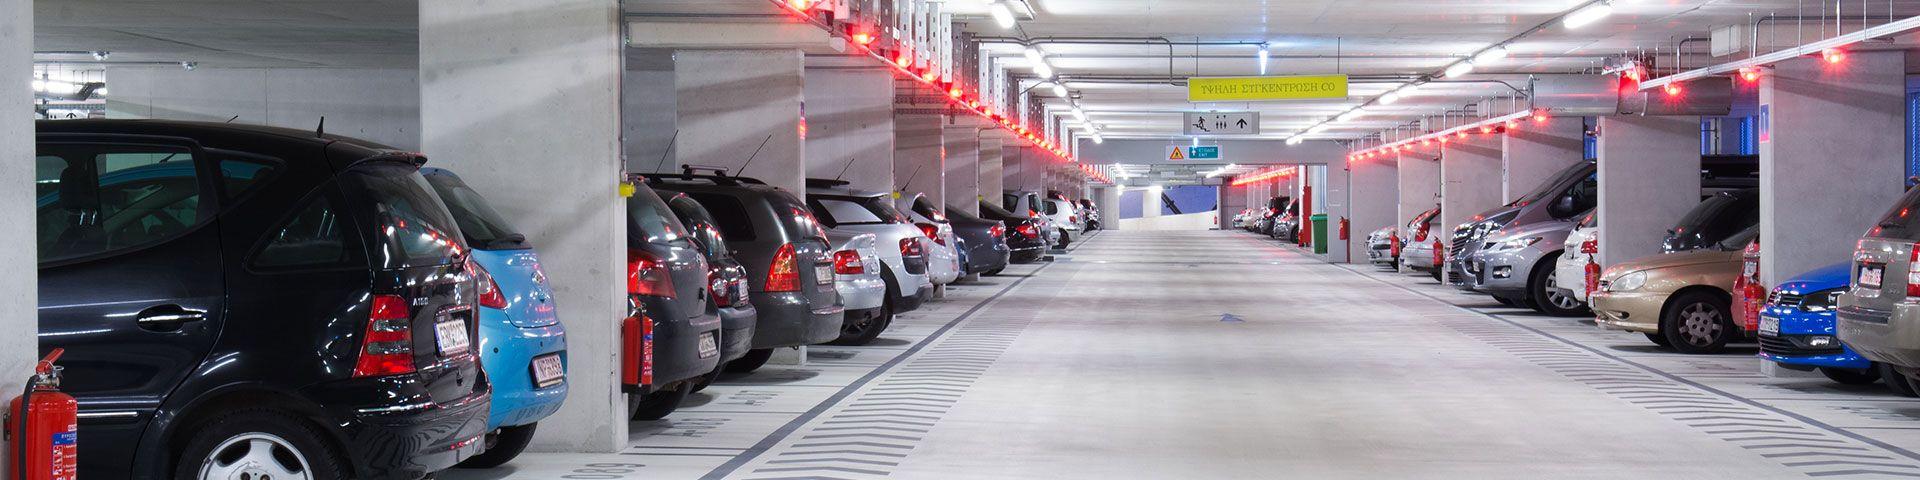 Φωτογραφία από το Parking του ΚΠΙΣΝ